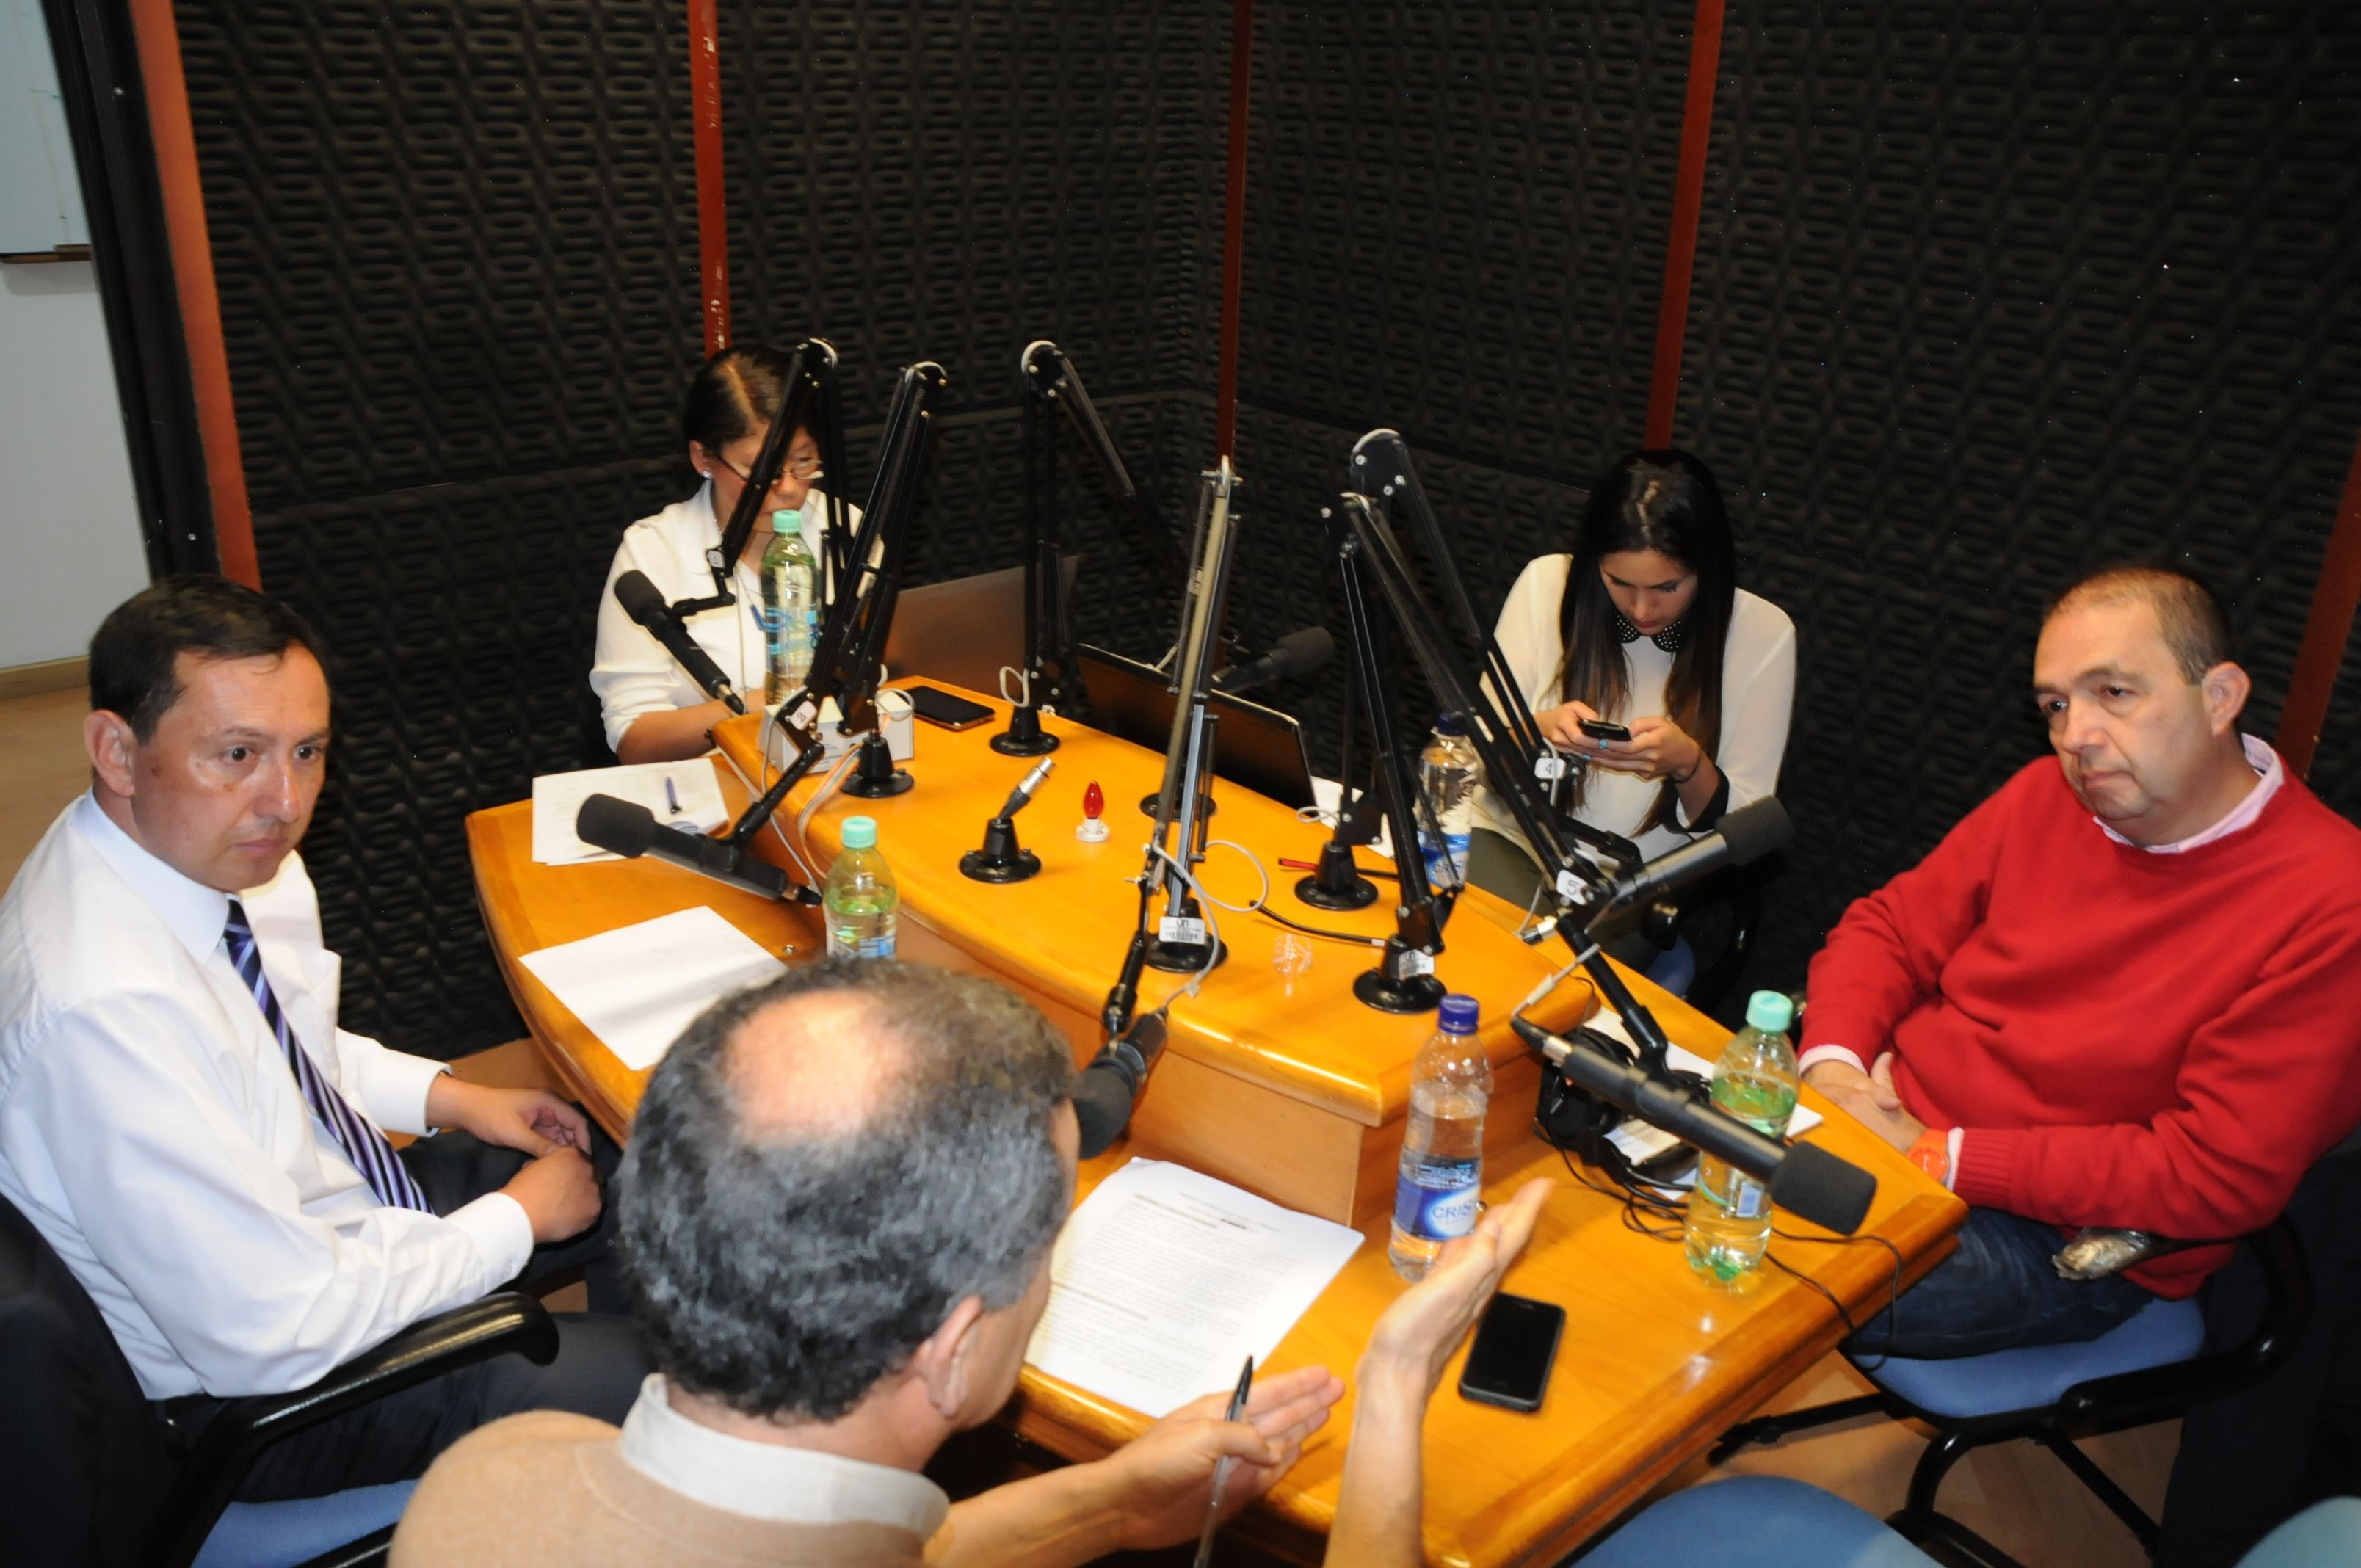 El programa Observatorio Electoral Urbano se emite todos los miércoles de 6 a 7 p. m. en UN Radio.